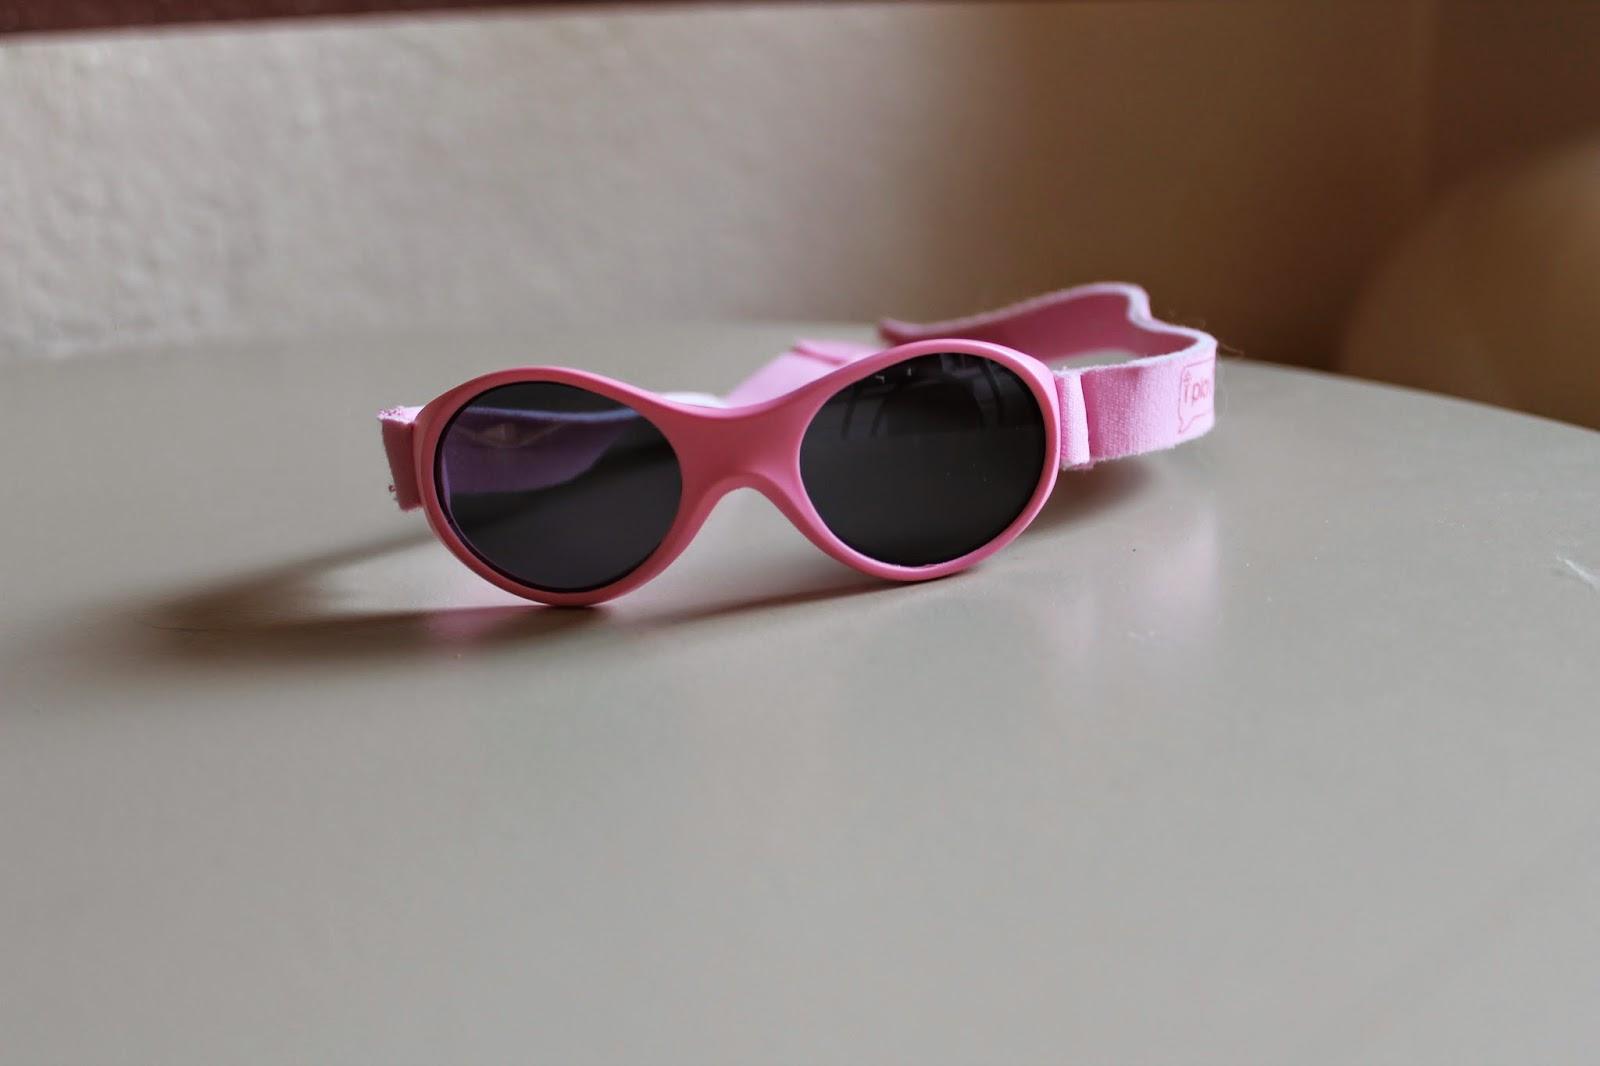 brille sofort mitnehmen